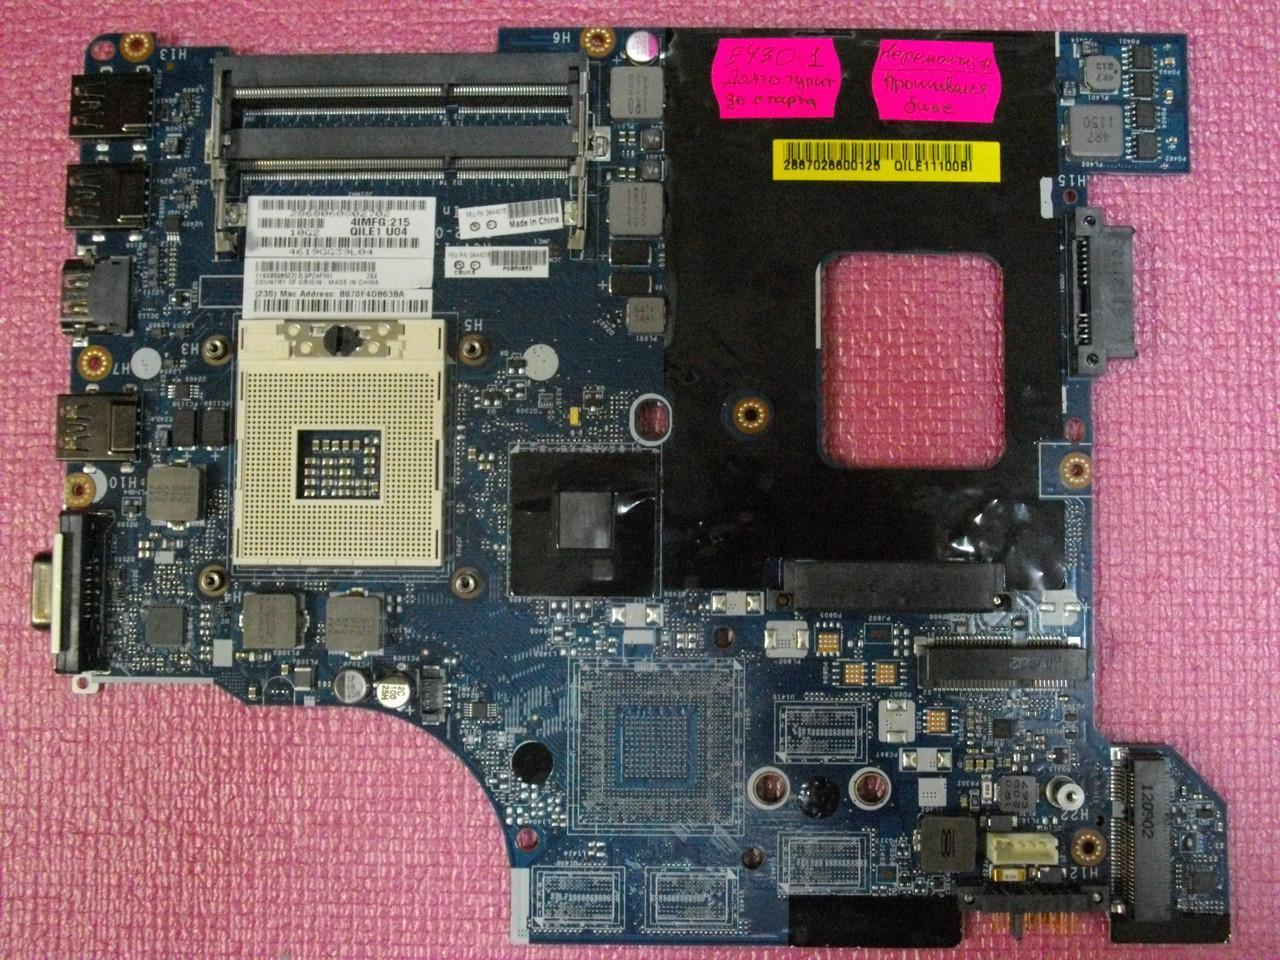 Материнська плата QILE1 LA-8131P Rev:1.0 від ноутбука Lenovo ThinkPad Edge e430.